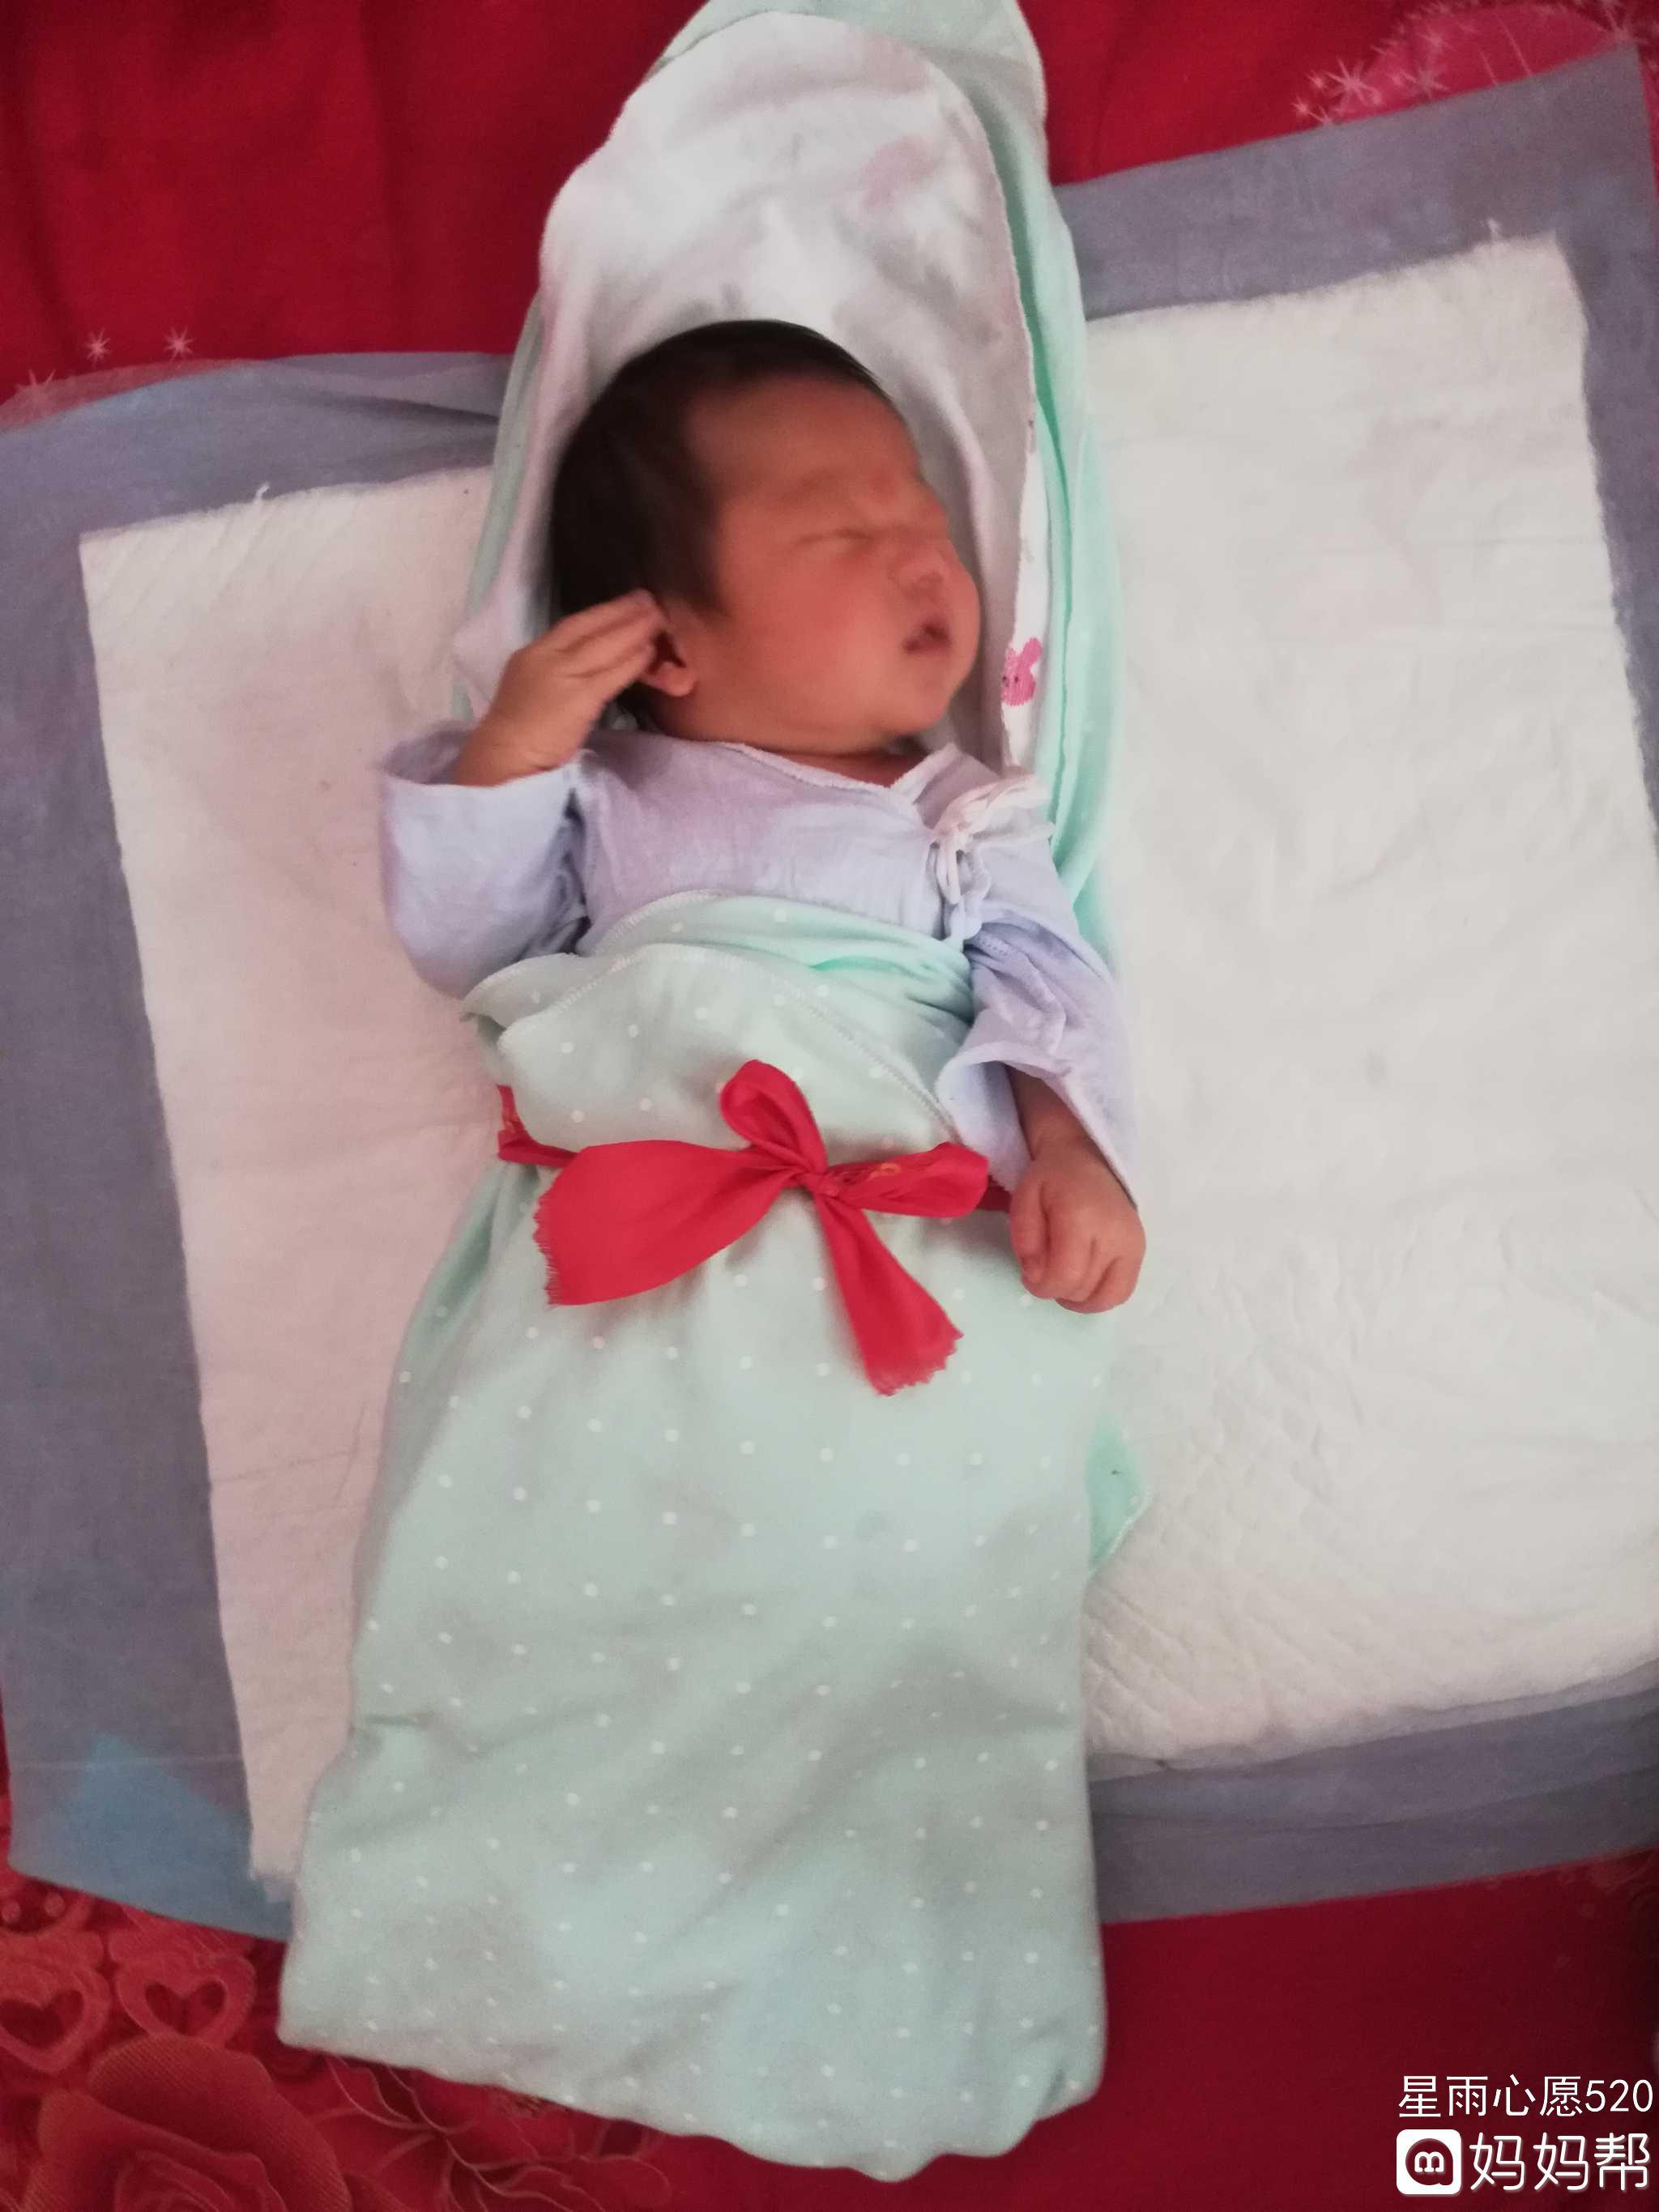 刚出生7天的新生儿睡觉时身体平躺头偏向一侧,这样的睡姿正确吗?